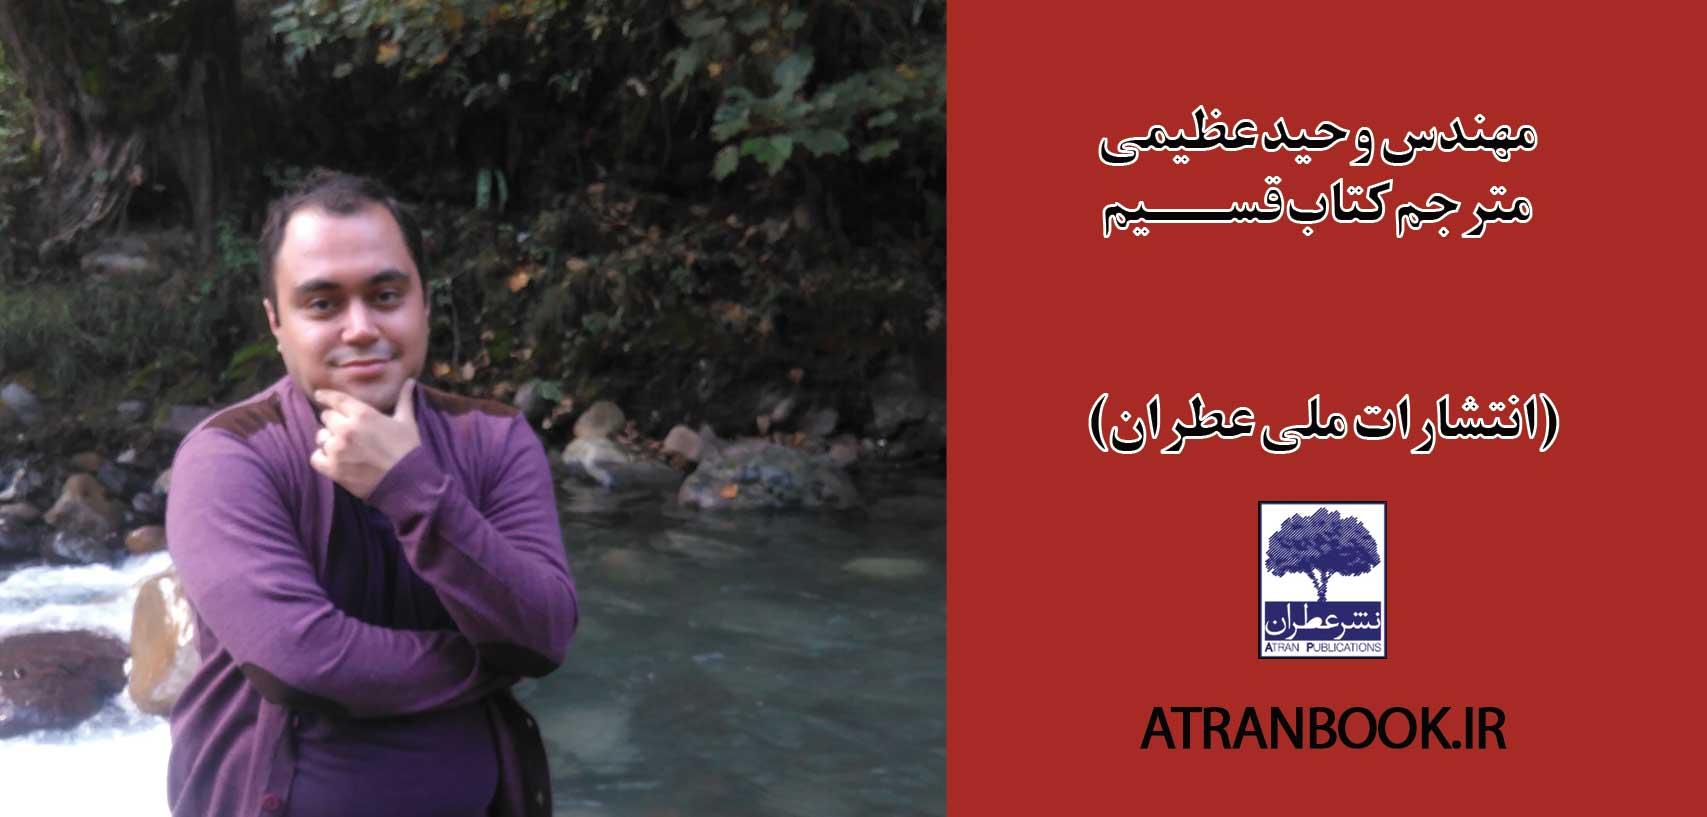 انتشارات عطران: کتاب فرمول های جذب همسر به قلم *عباس علاف صالحی*